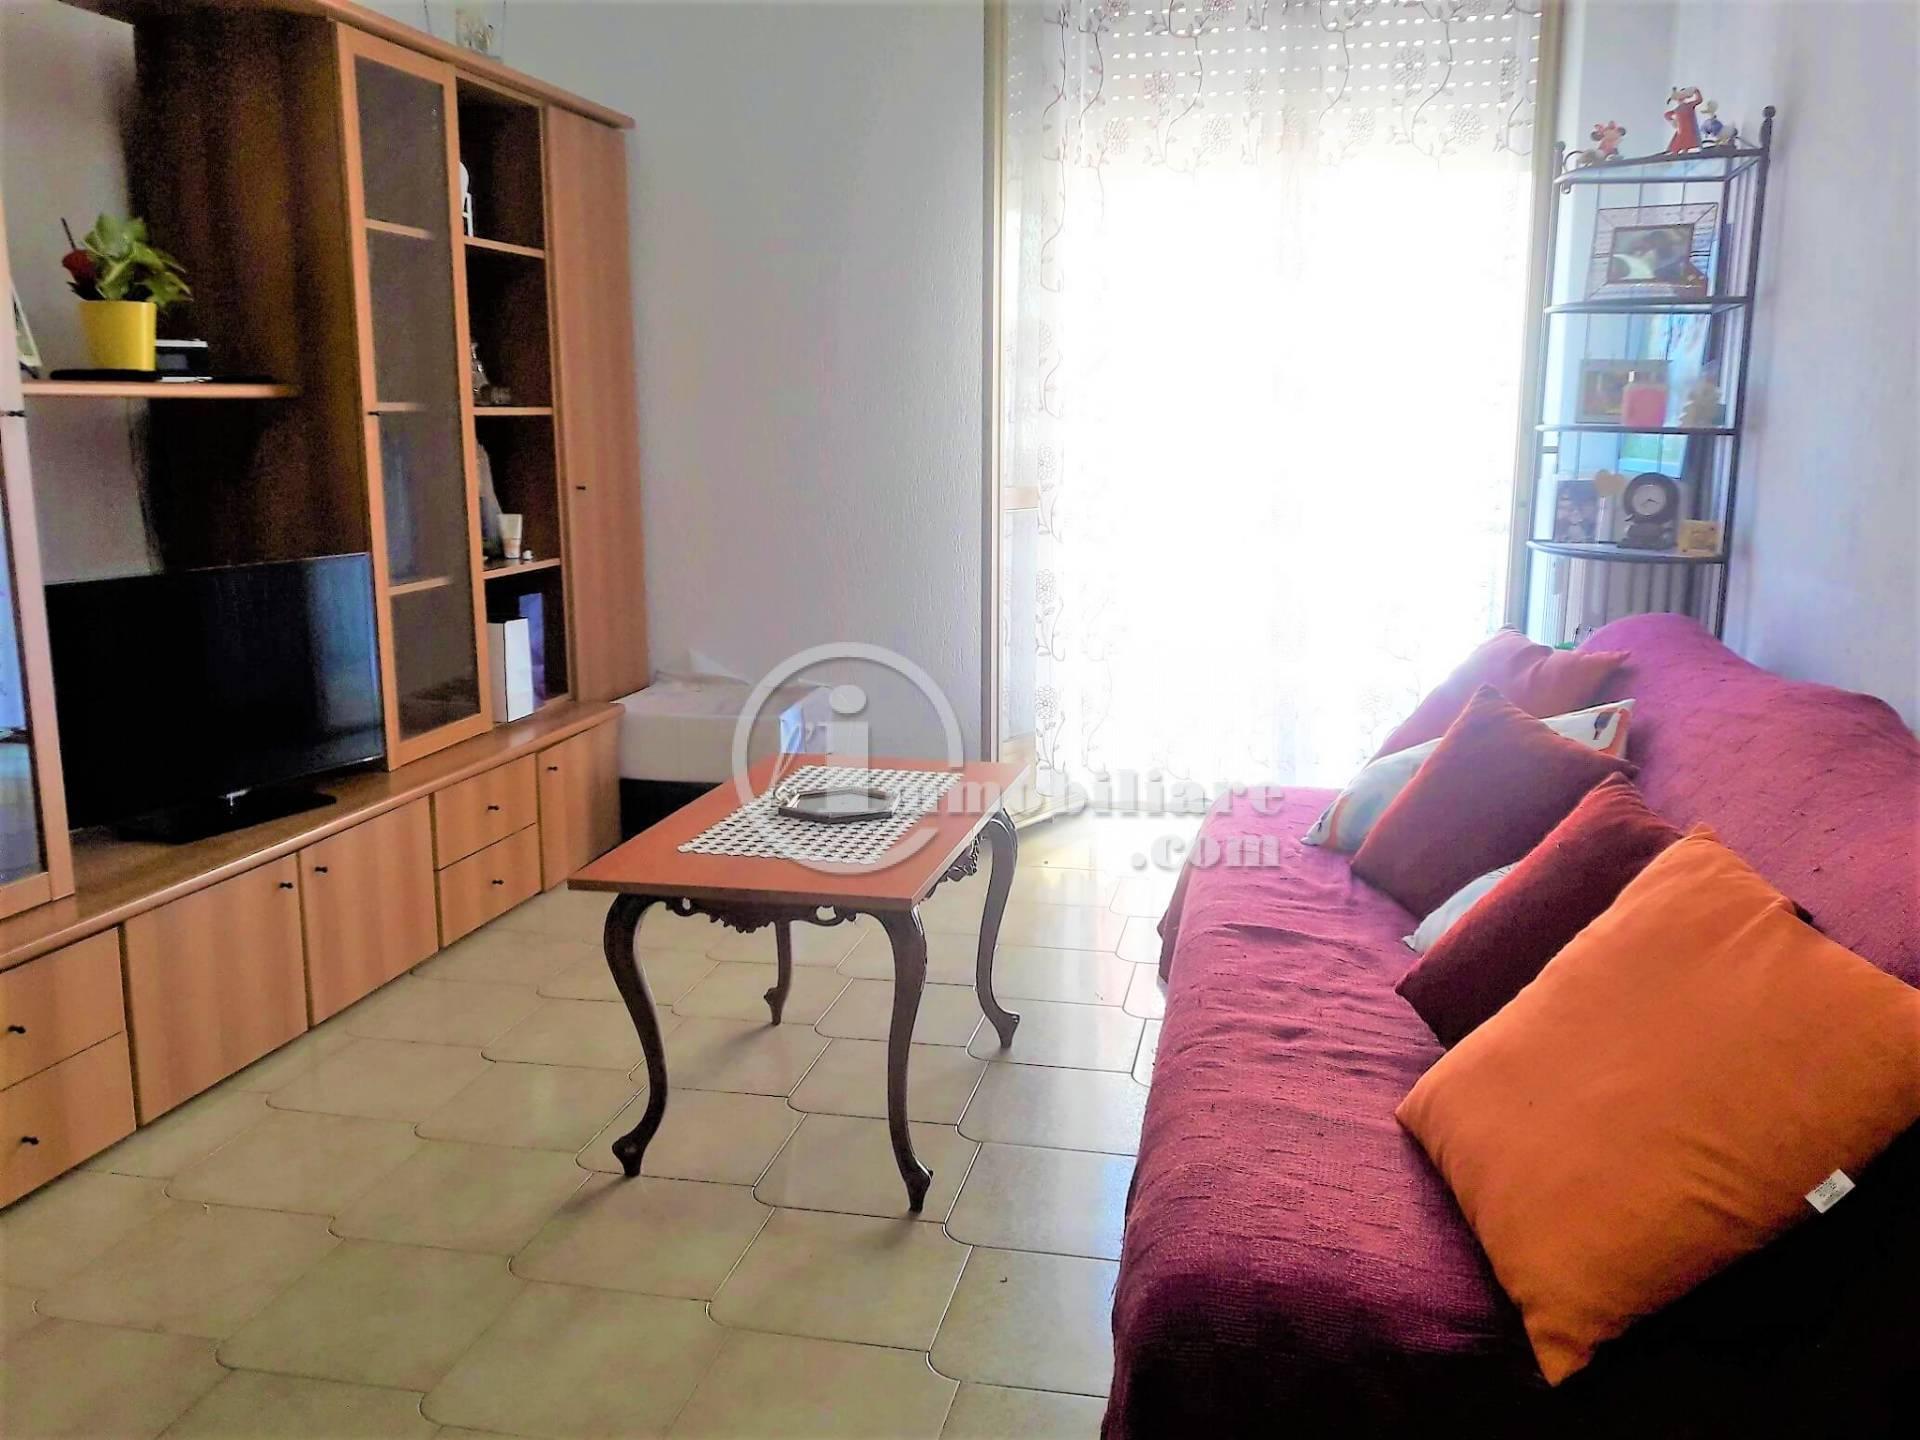 Agenzie Immobiliari Corsico 135-c296 - appartamento in vendita a corsico - l'immobiliare